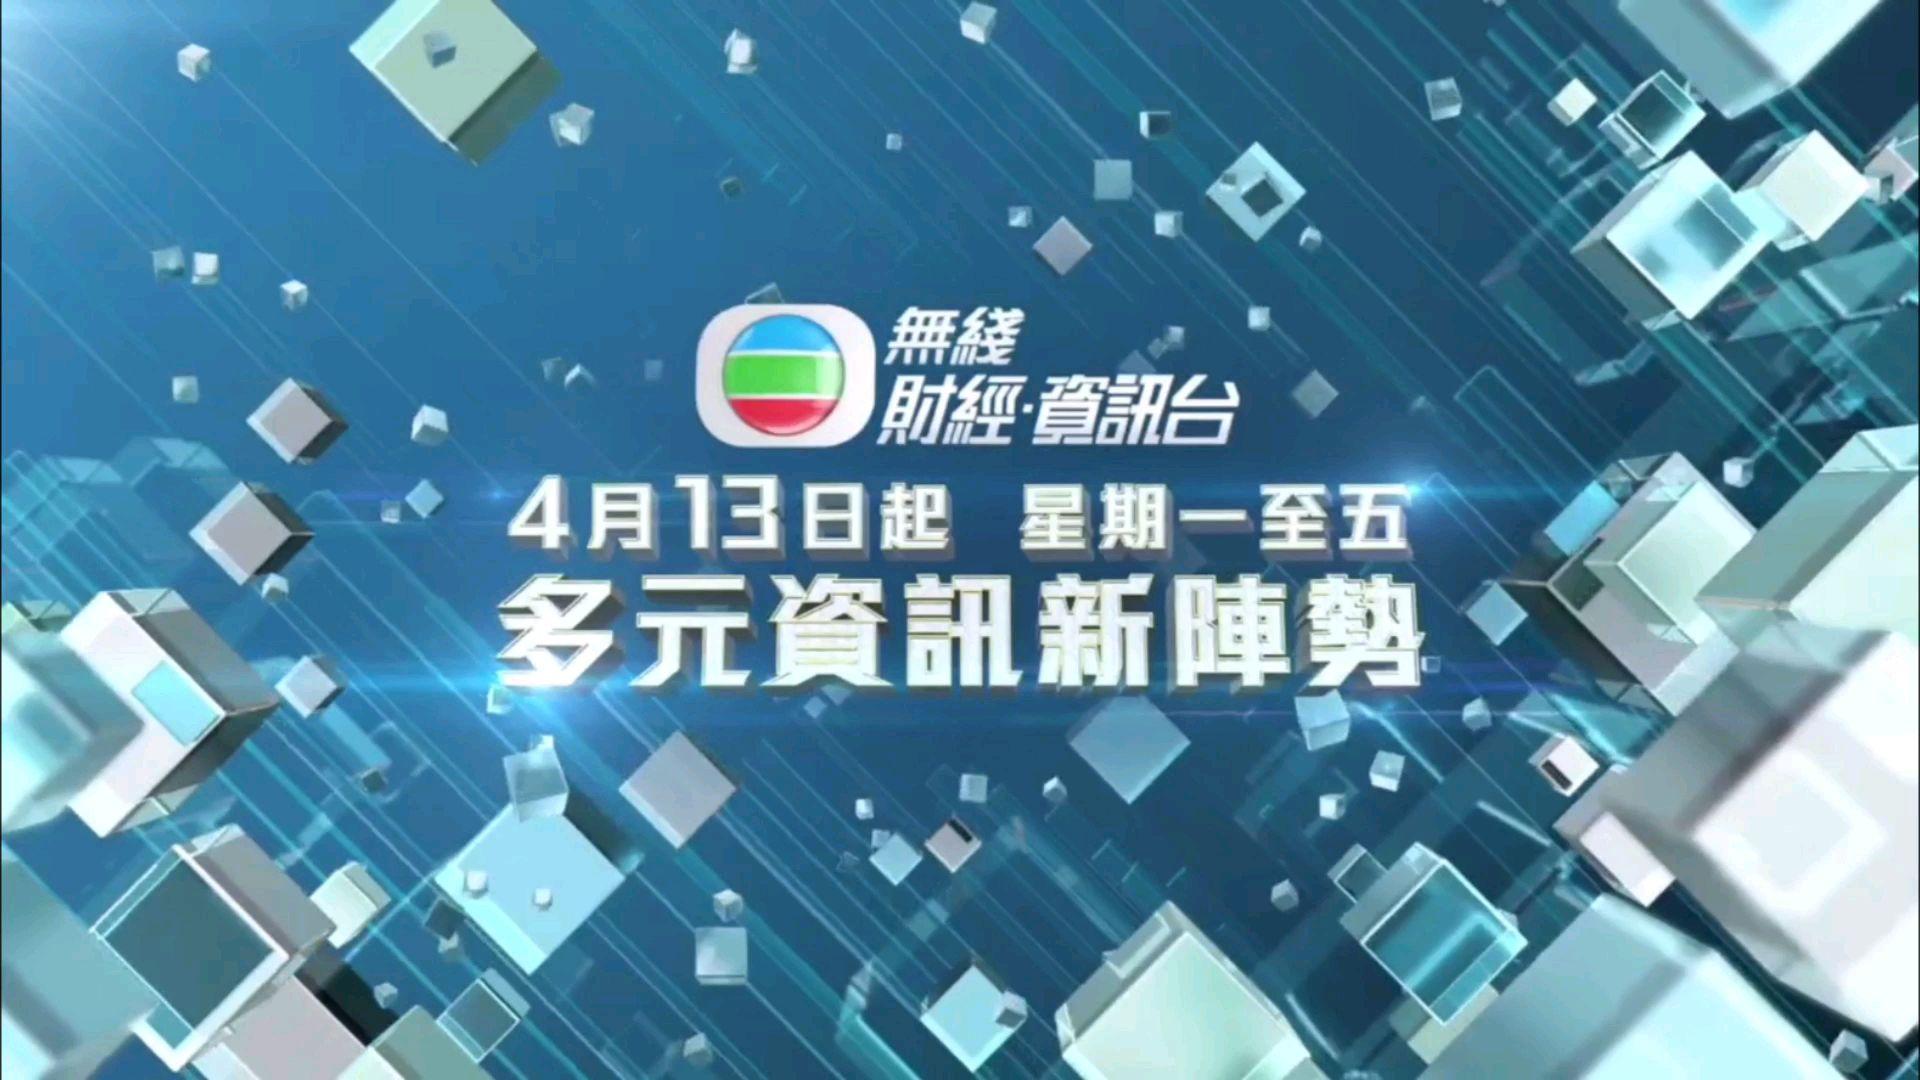 【TVB】无线财经•资讯台多元资讯新阵势宣传片(2020/04/13)